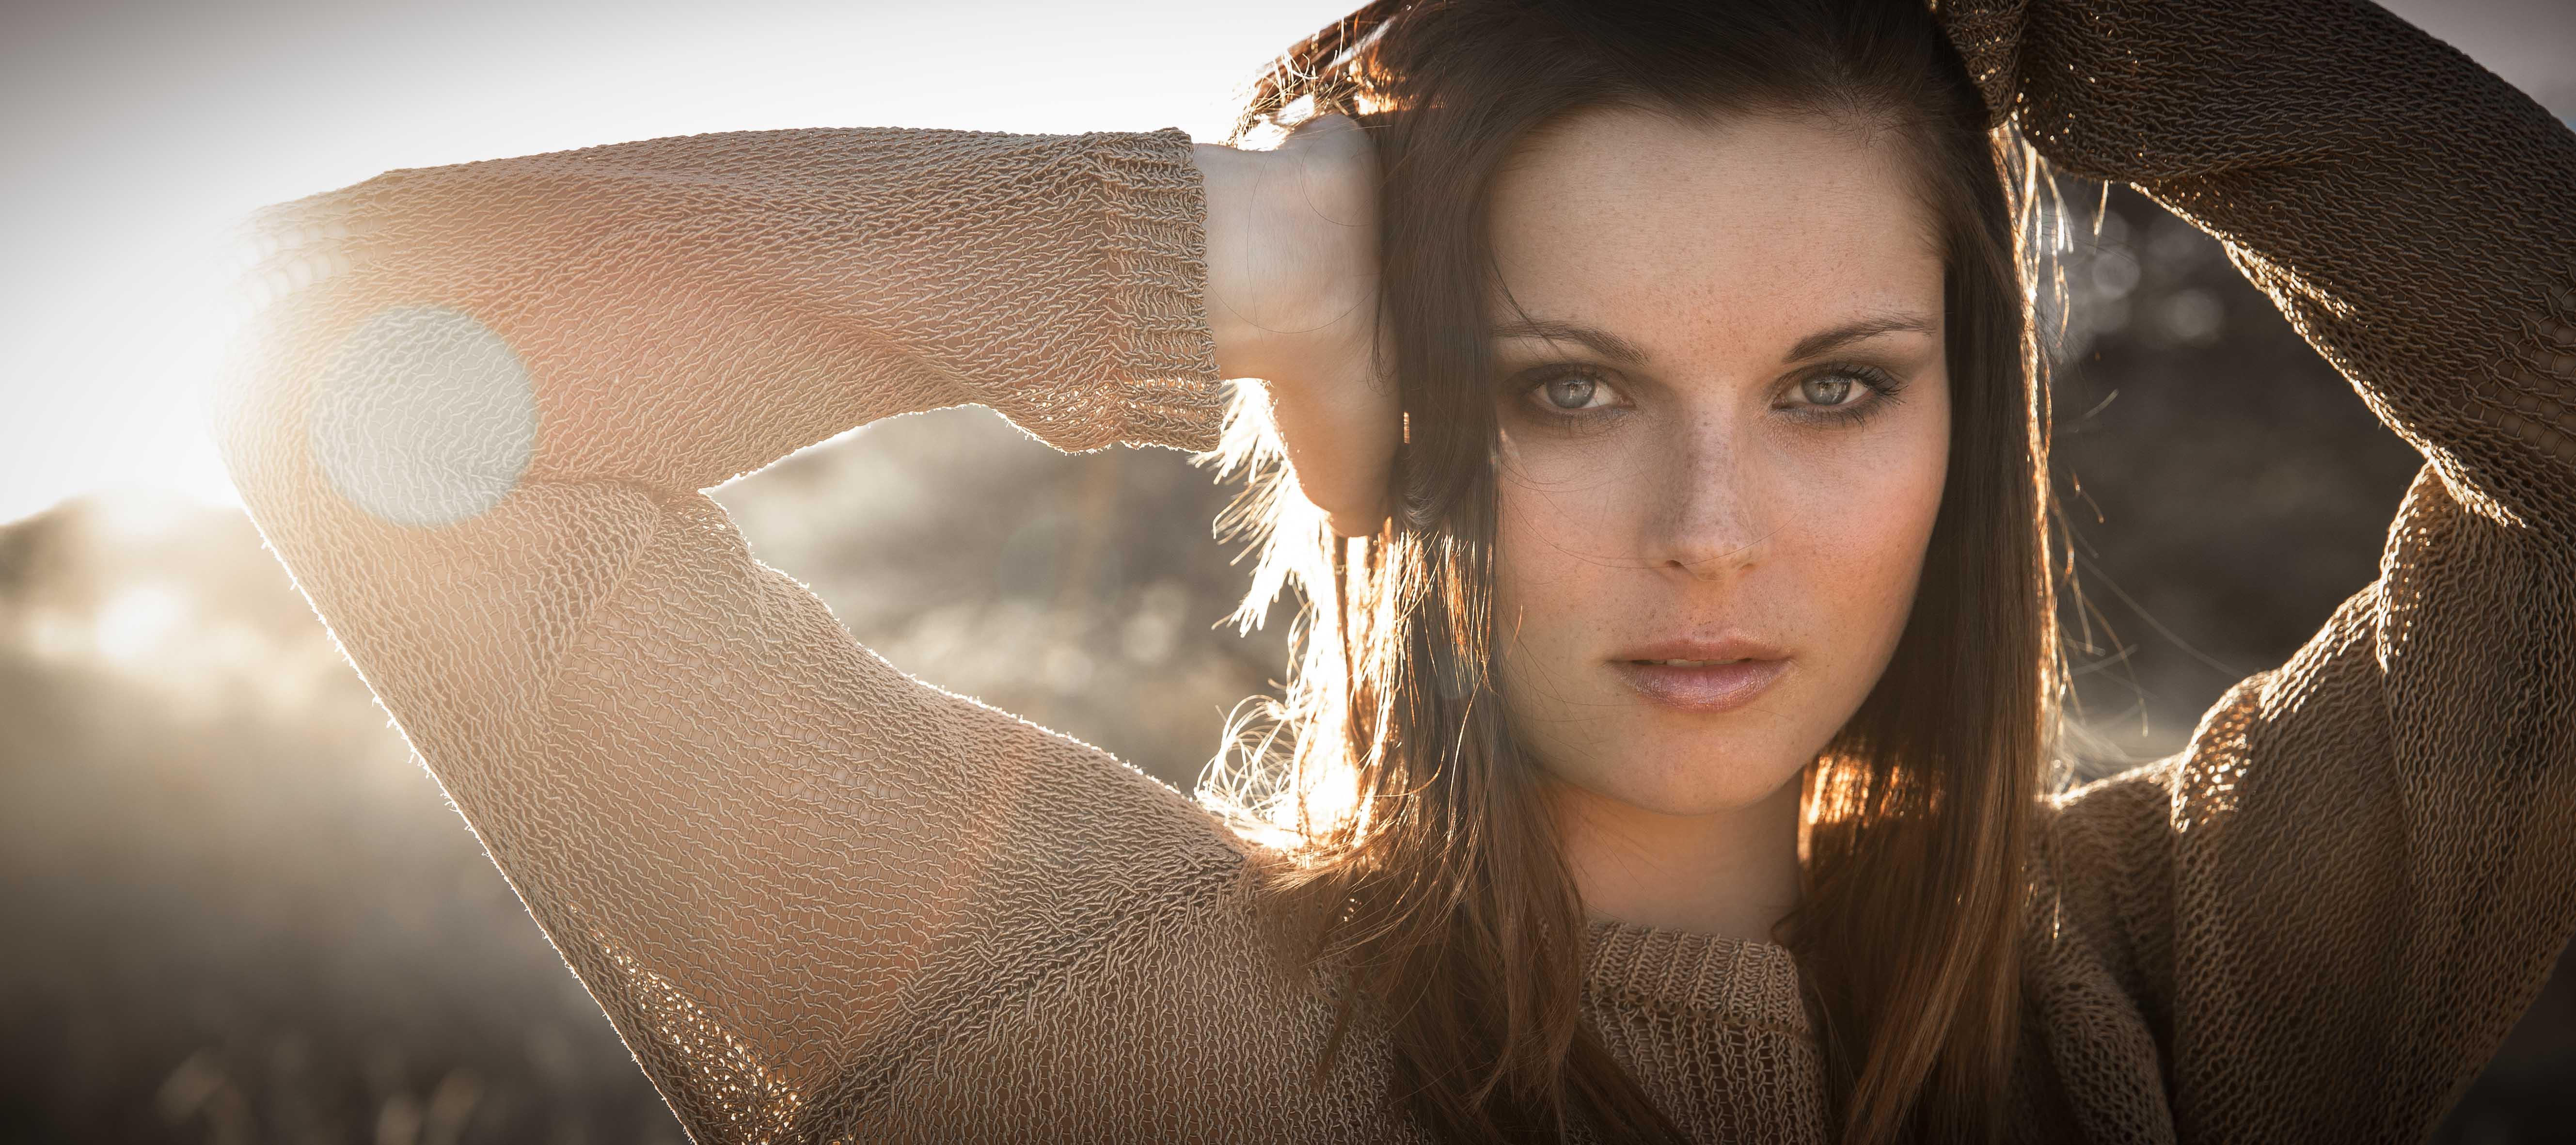 Самые красивые австрийские девушки 7 фотография